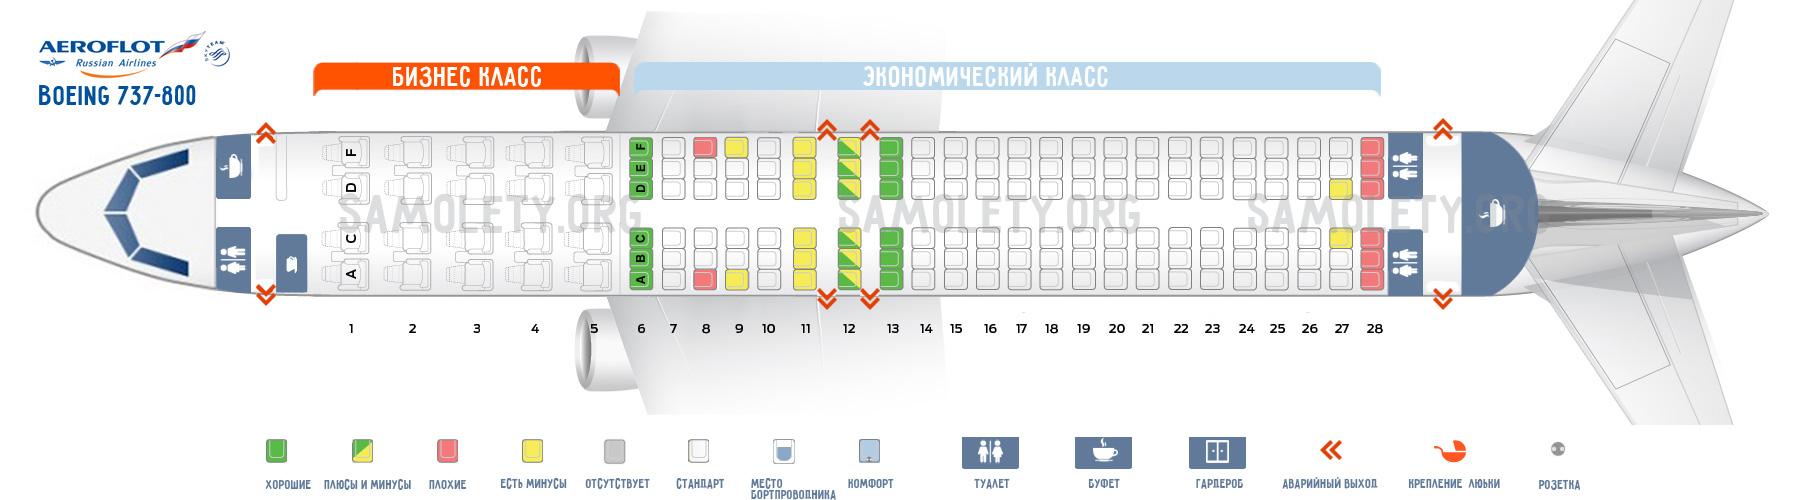 Боинг 737-800 - схема салона, лучшие места для полёта от Аэрофлота